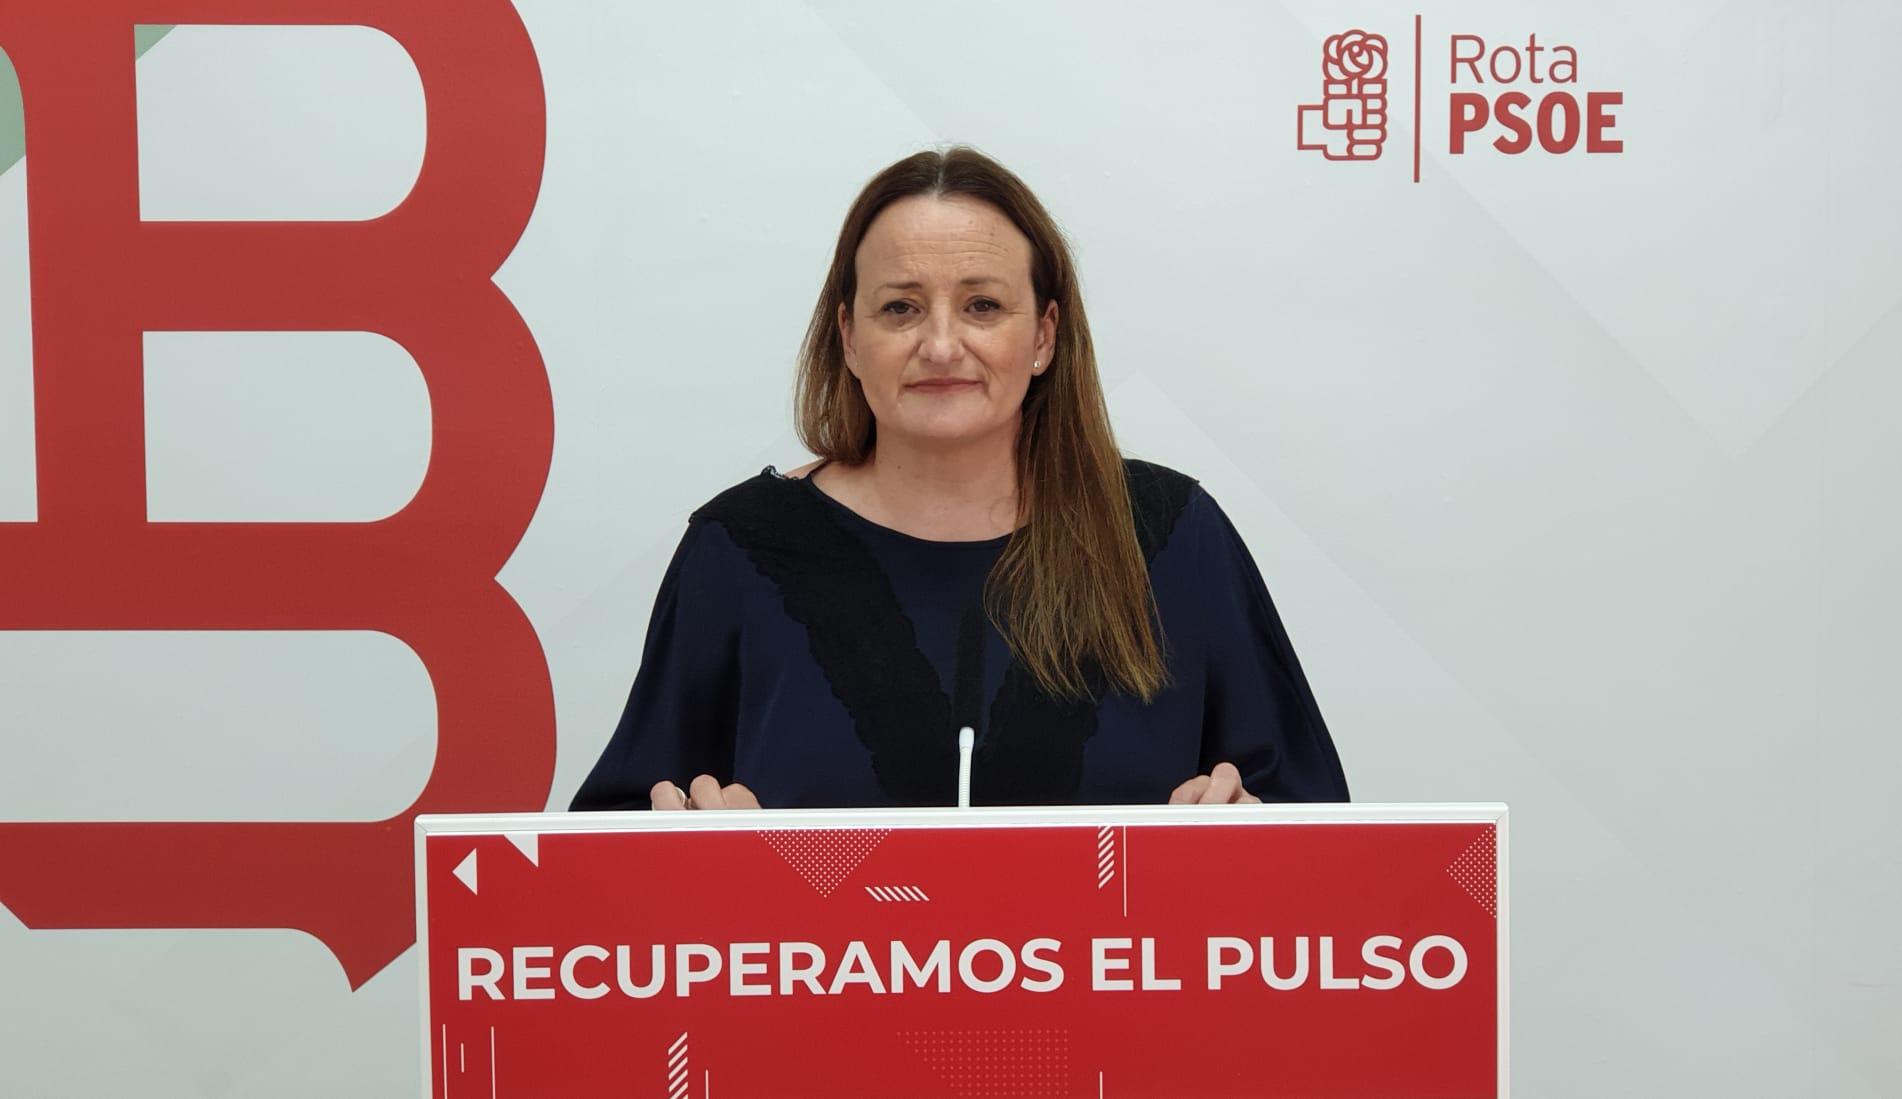 El PSOE  presenta una moción a pleno para que Rota cuente con nuevas instalaciones para los ciclos relacionados con cocina y gastronomía ofertados en el I.E.S. Arroyo Hondo de Rota